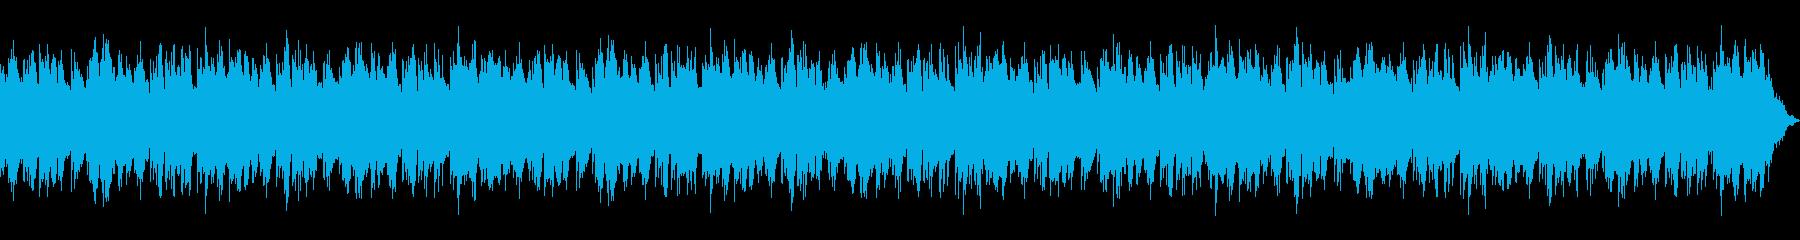 CM・ショートムービー 癒されるピアノの再生済みの波形